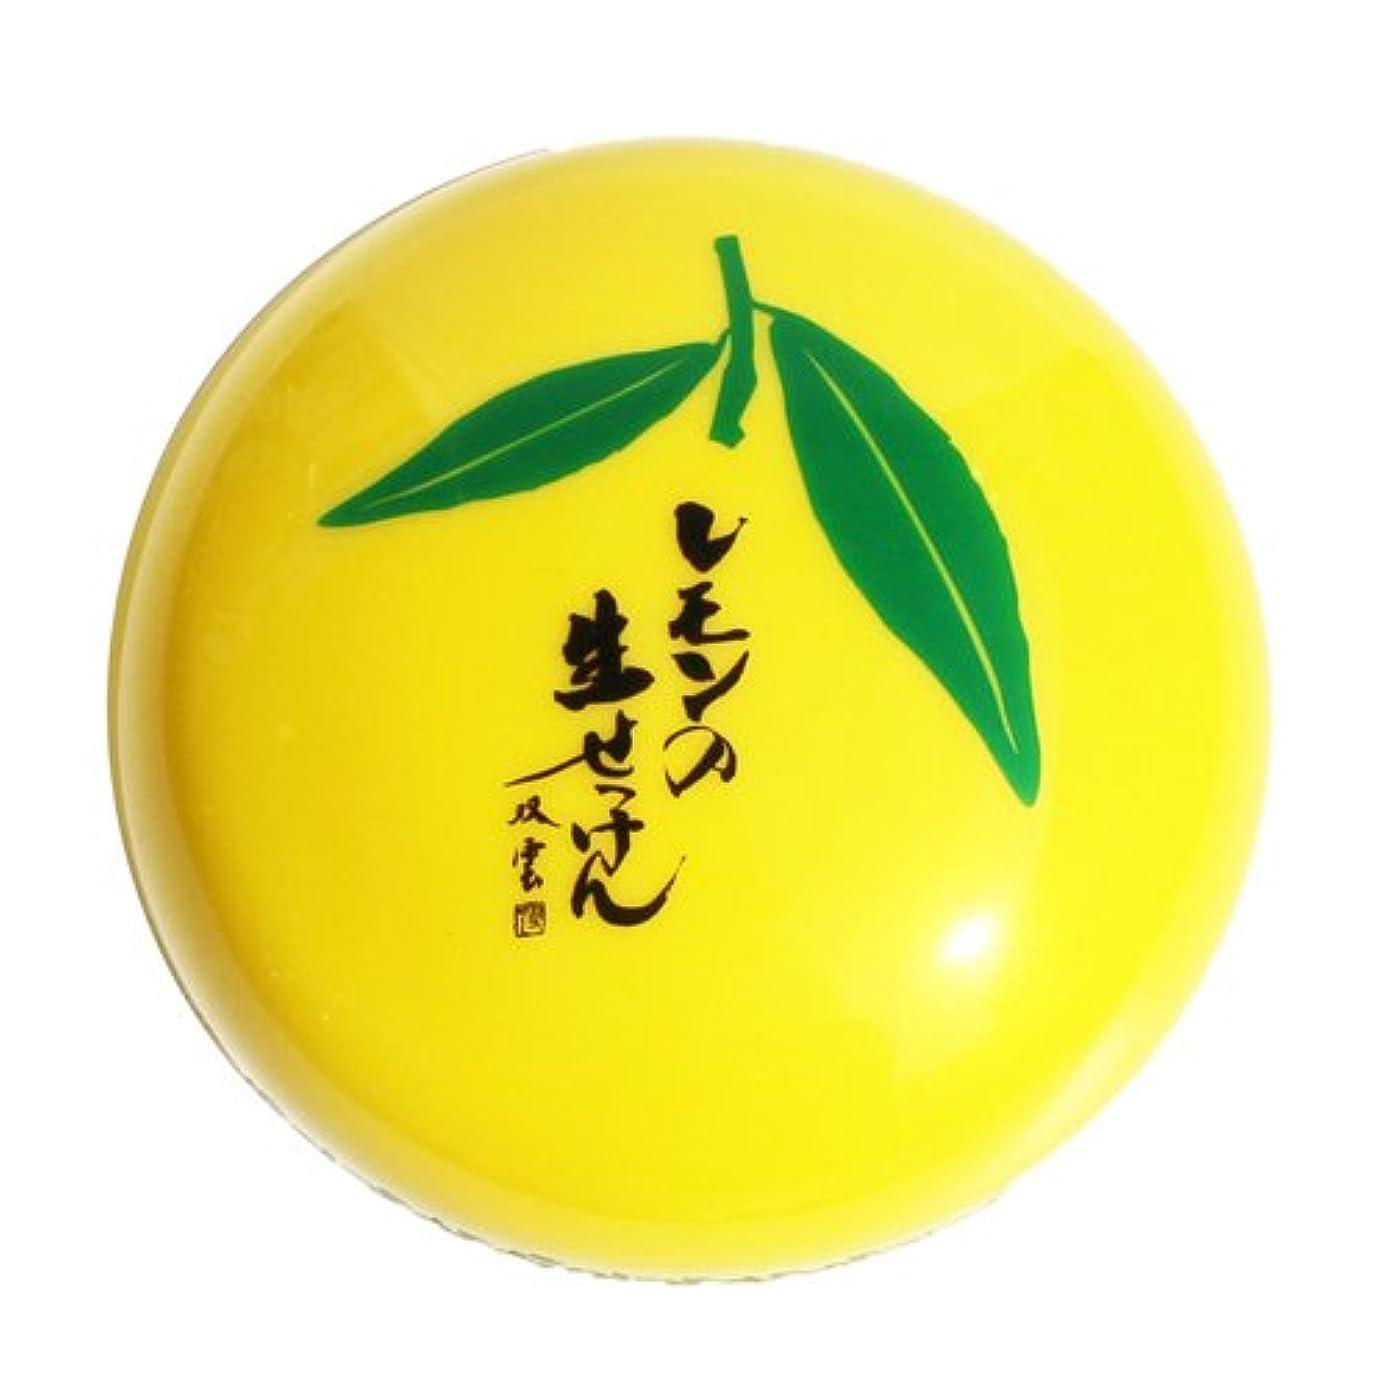 義務づける豊富な笑美香柑 レモンの生せっけん 120g